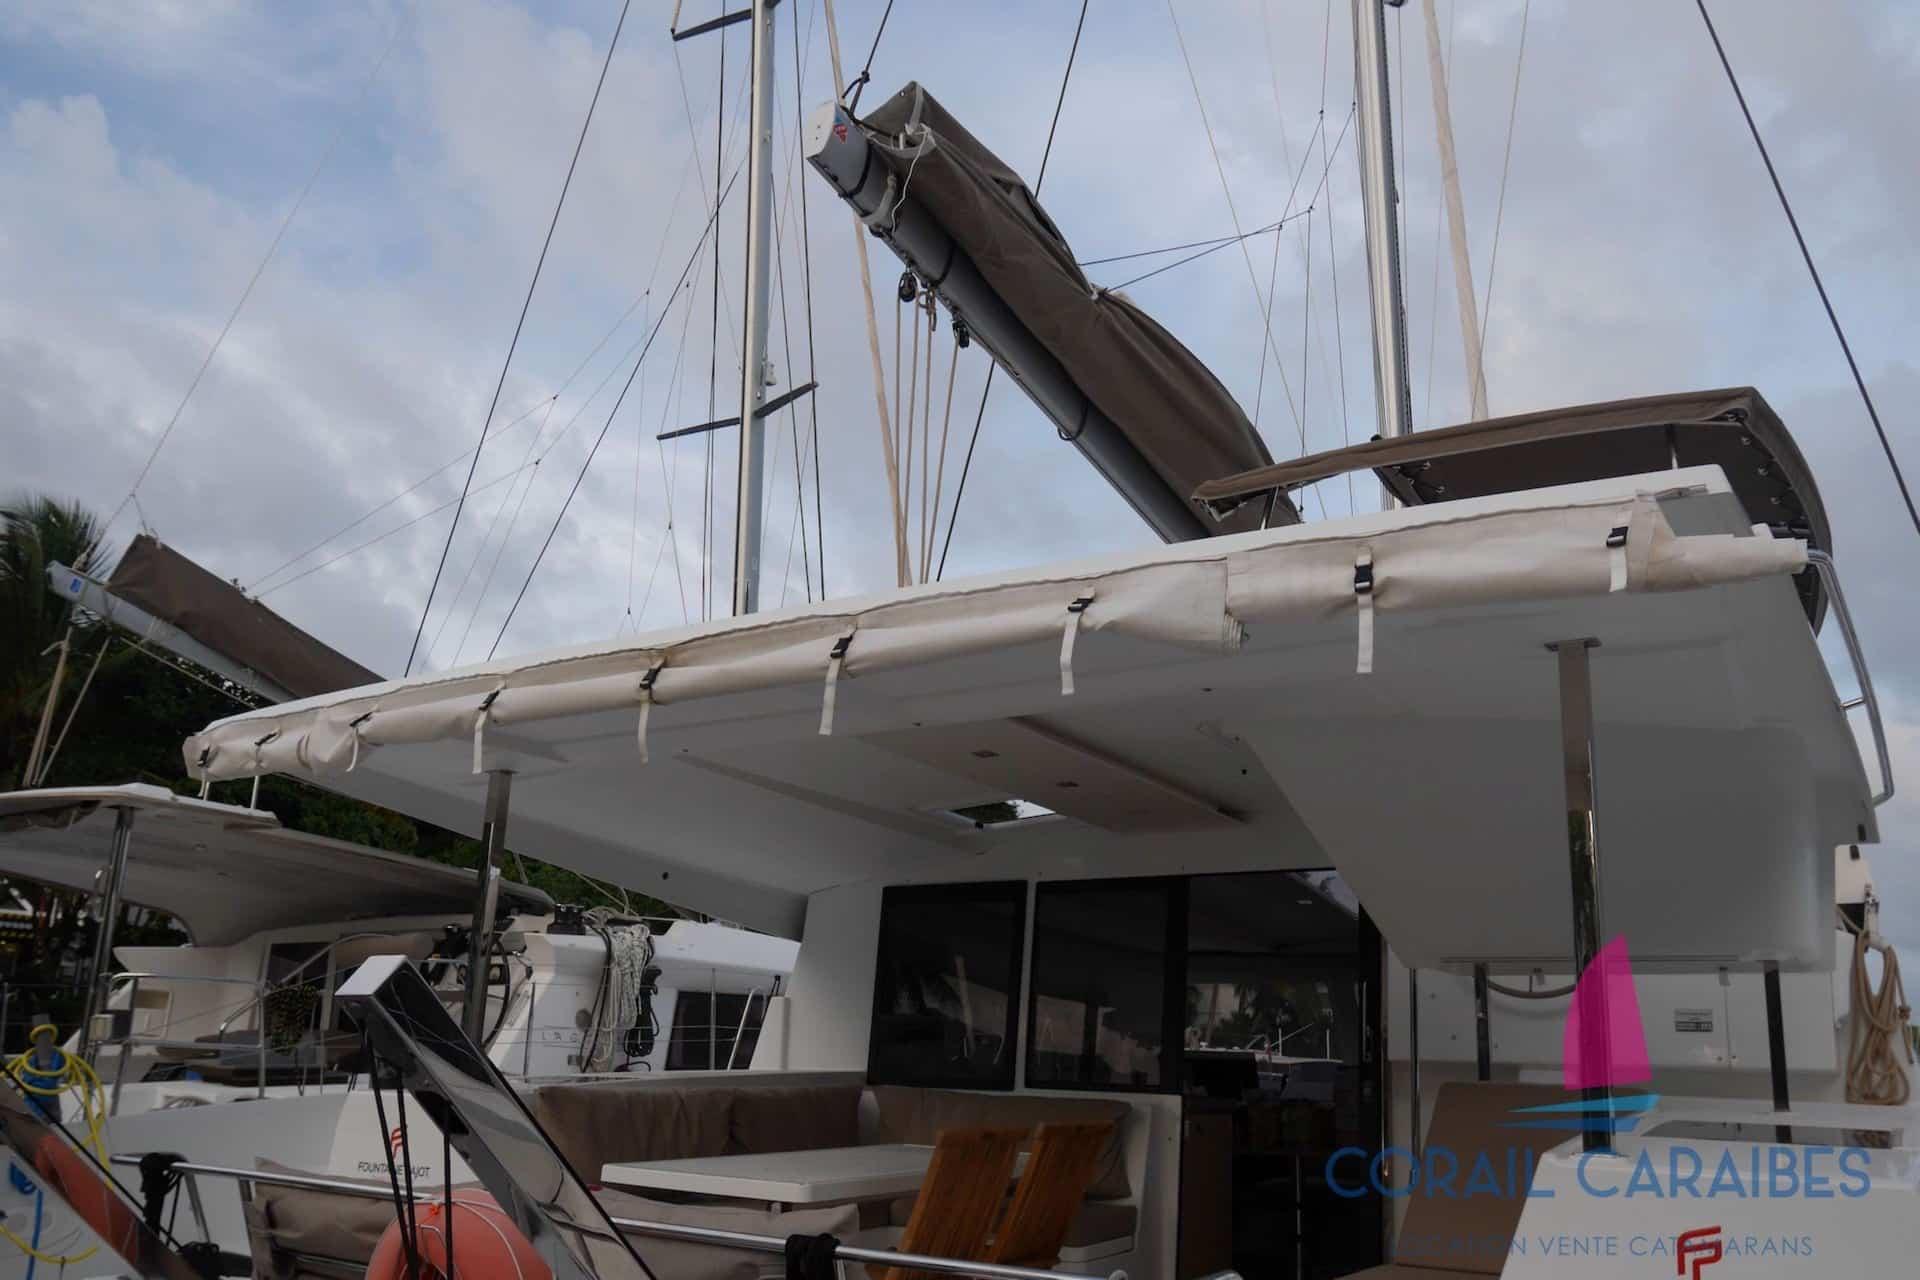 Lucia-40-Corail-Caraibes-5